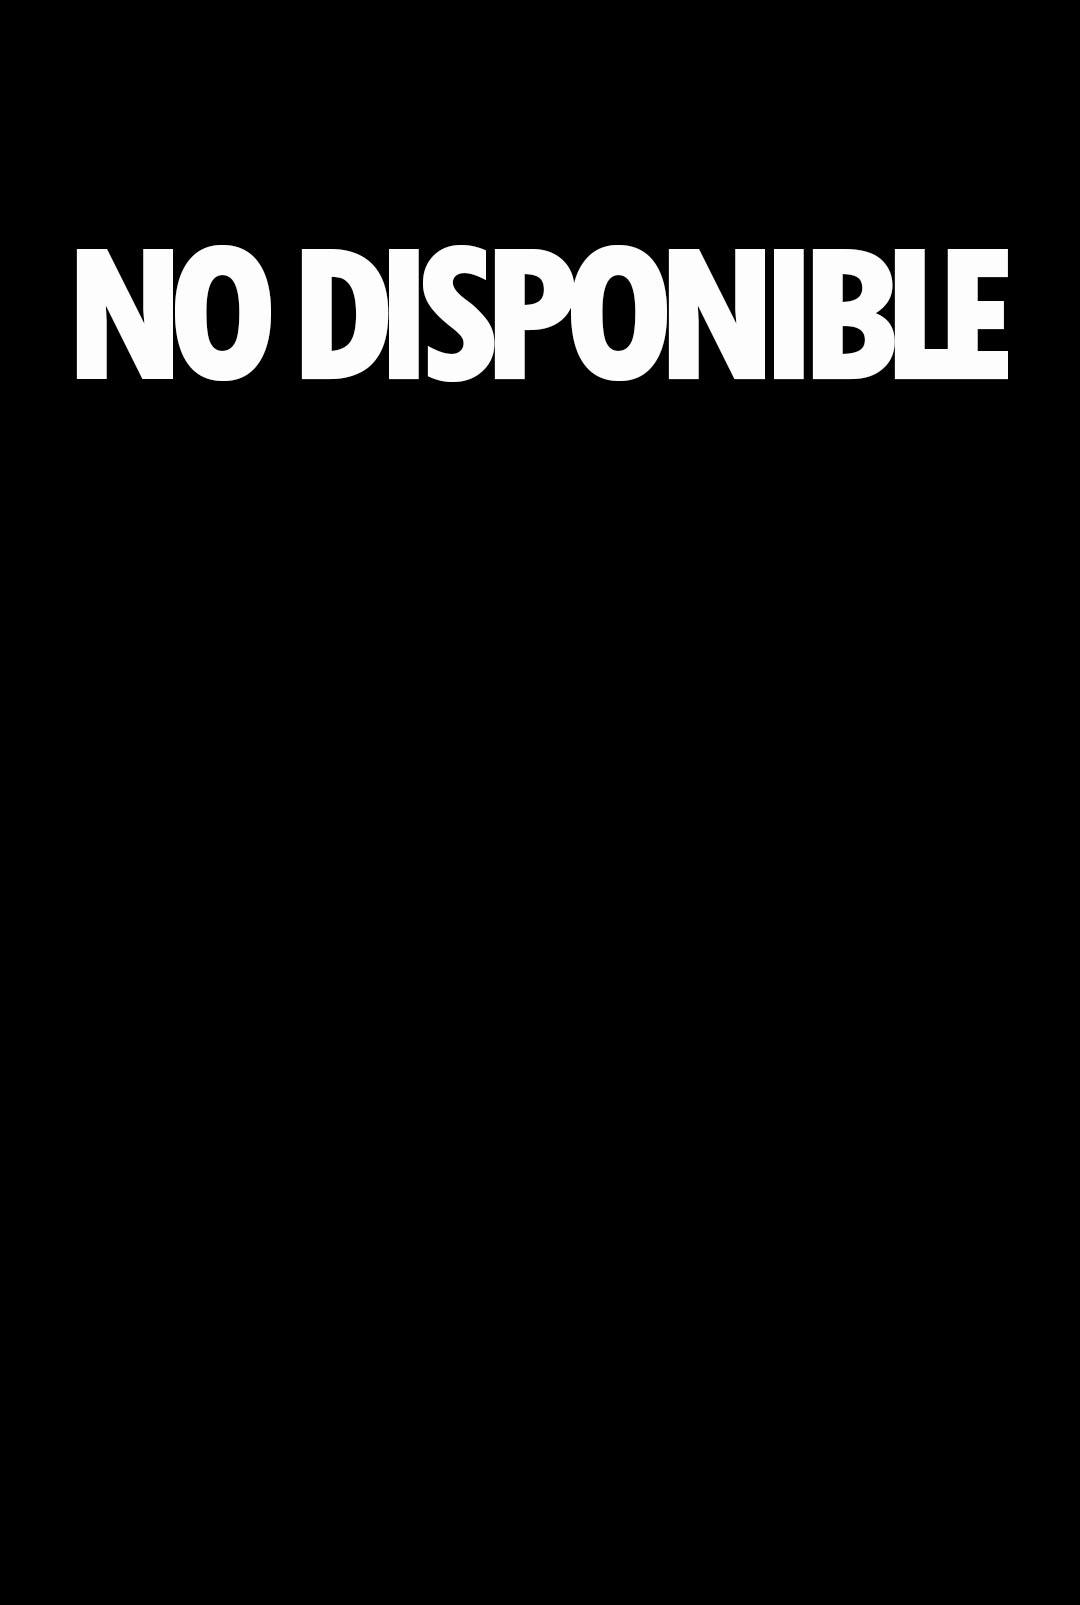 no disponioible